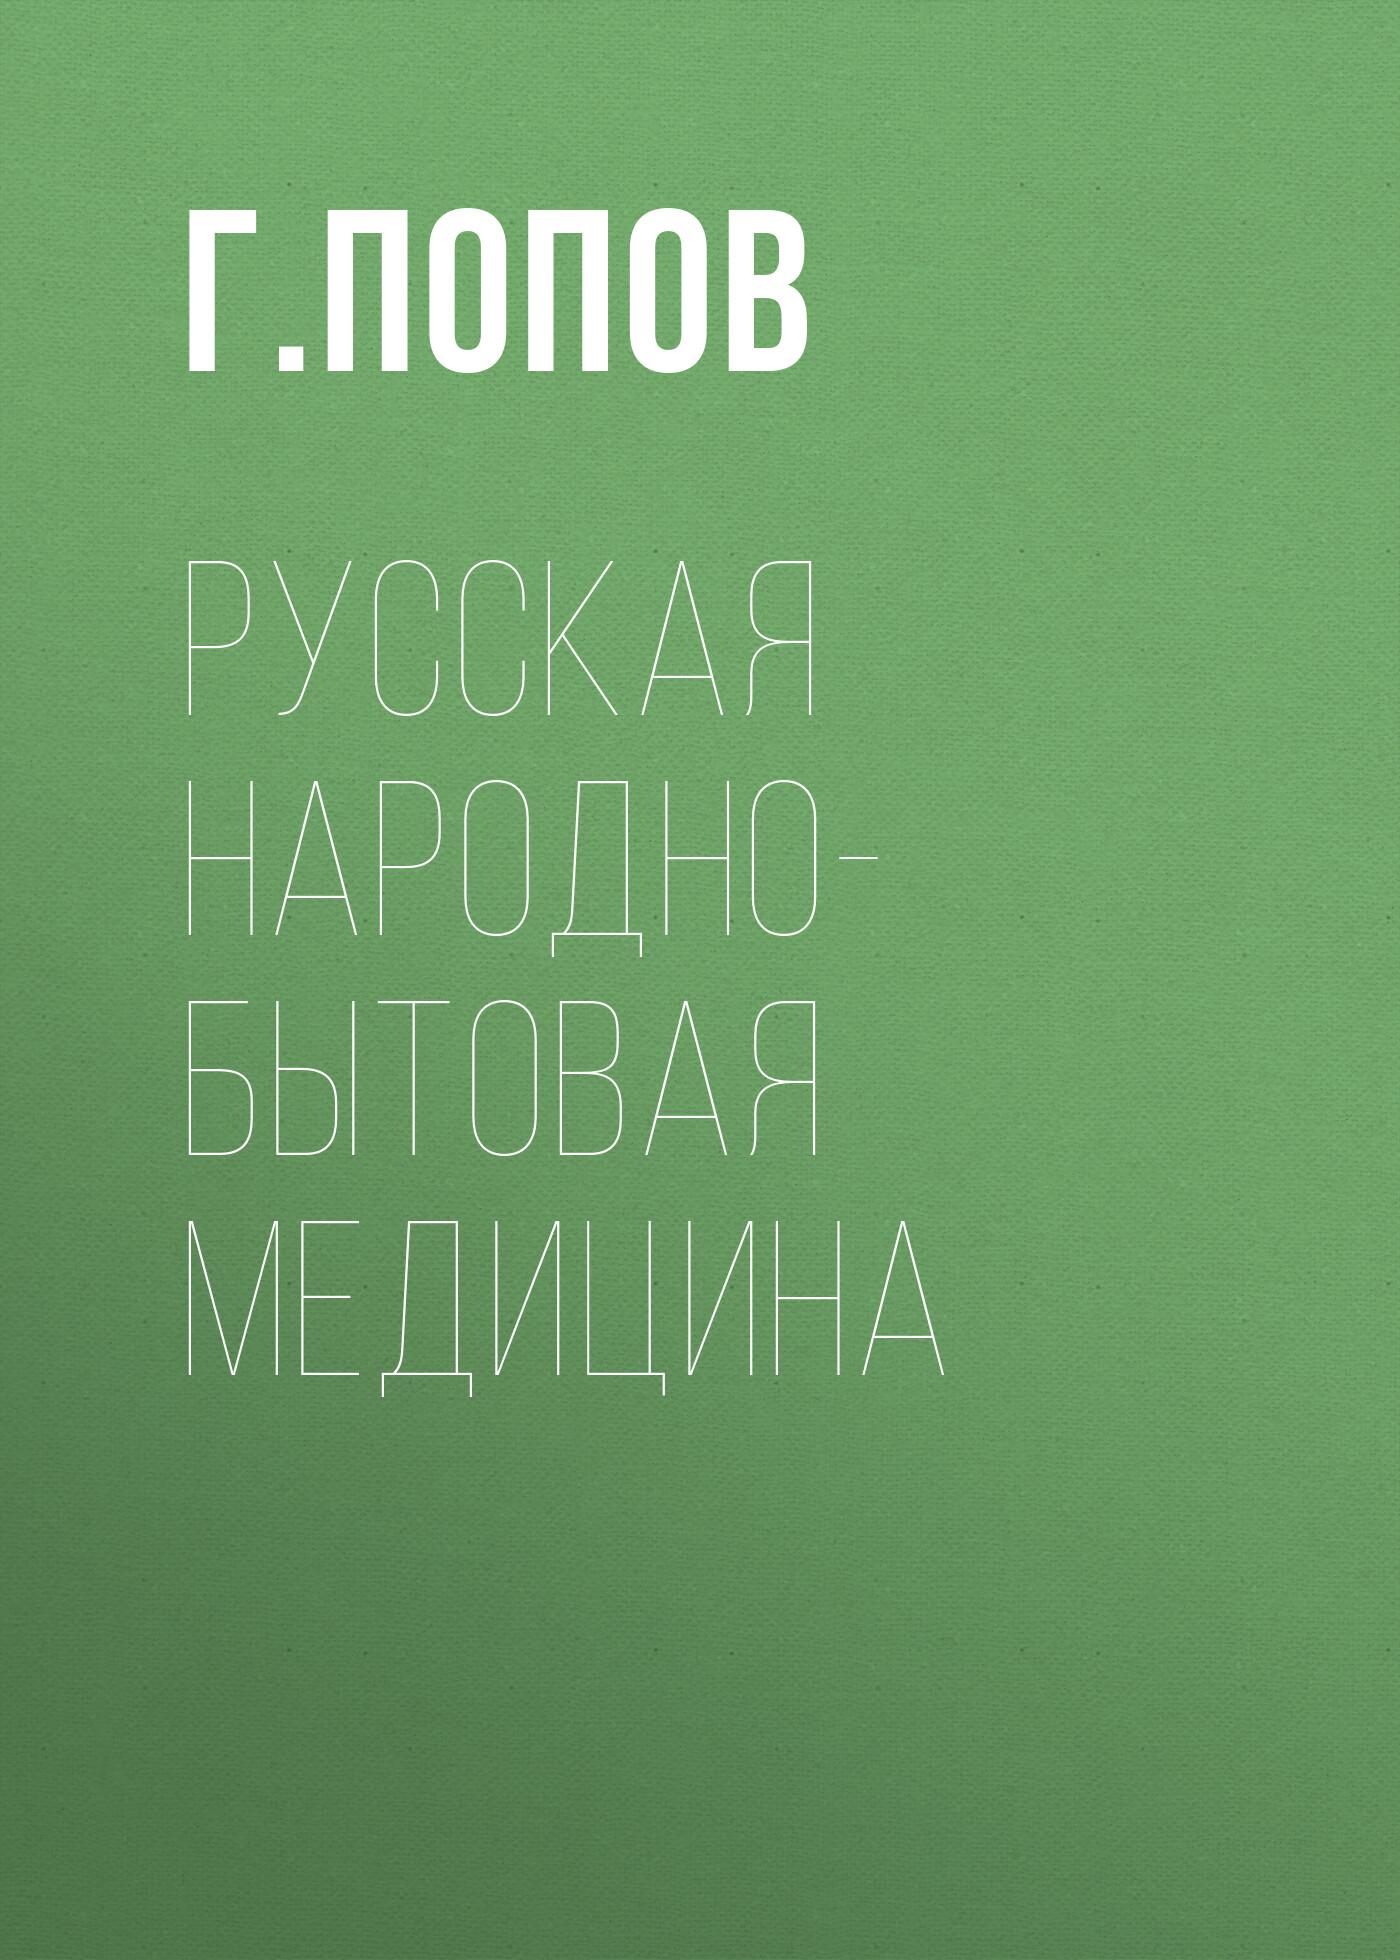 Г. Попов «Русская народно-бытовая медицина»